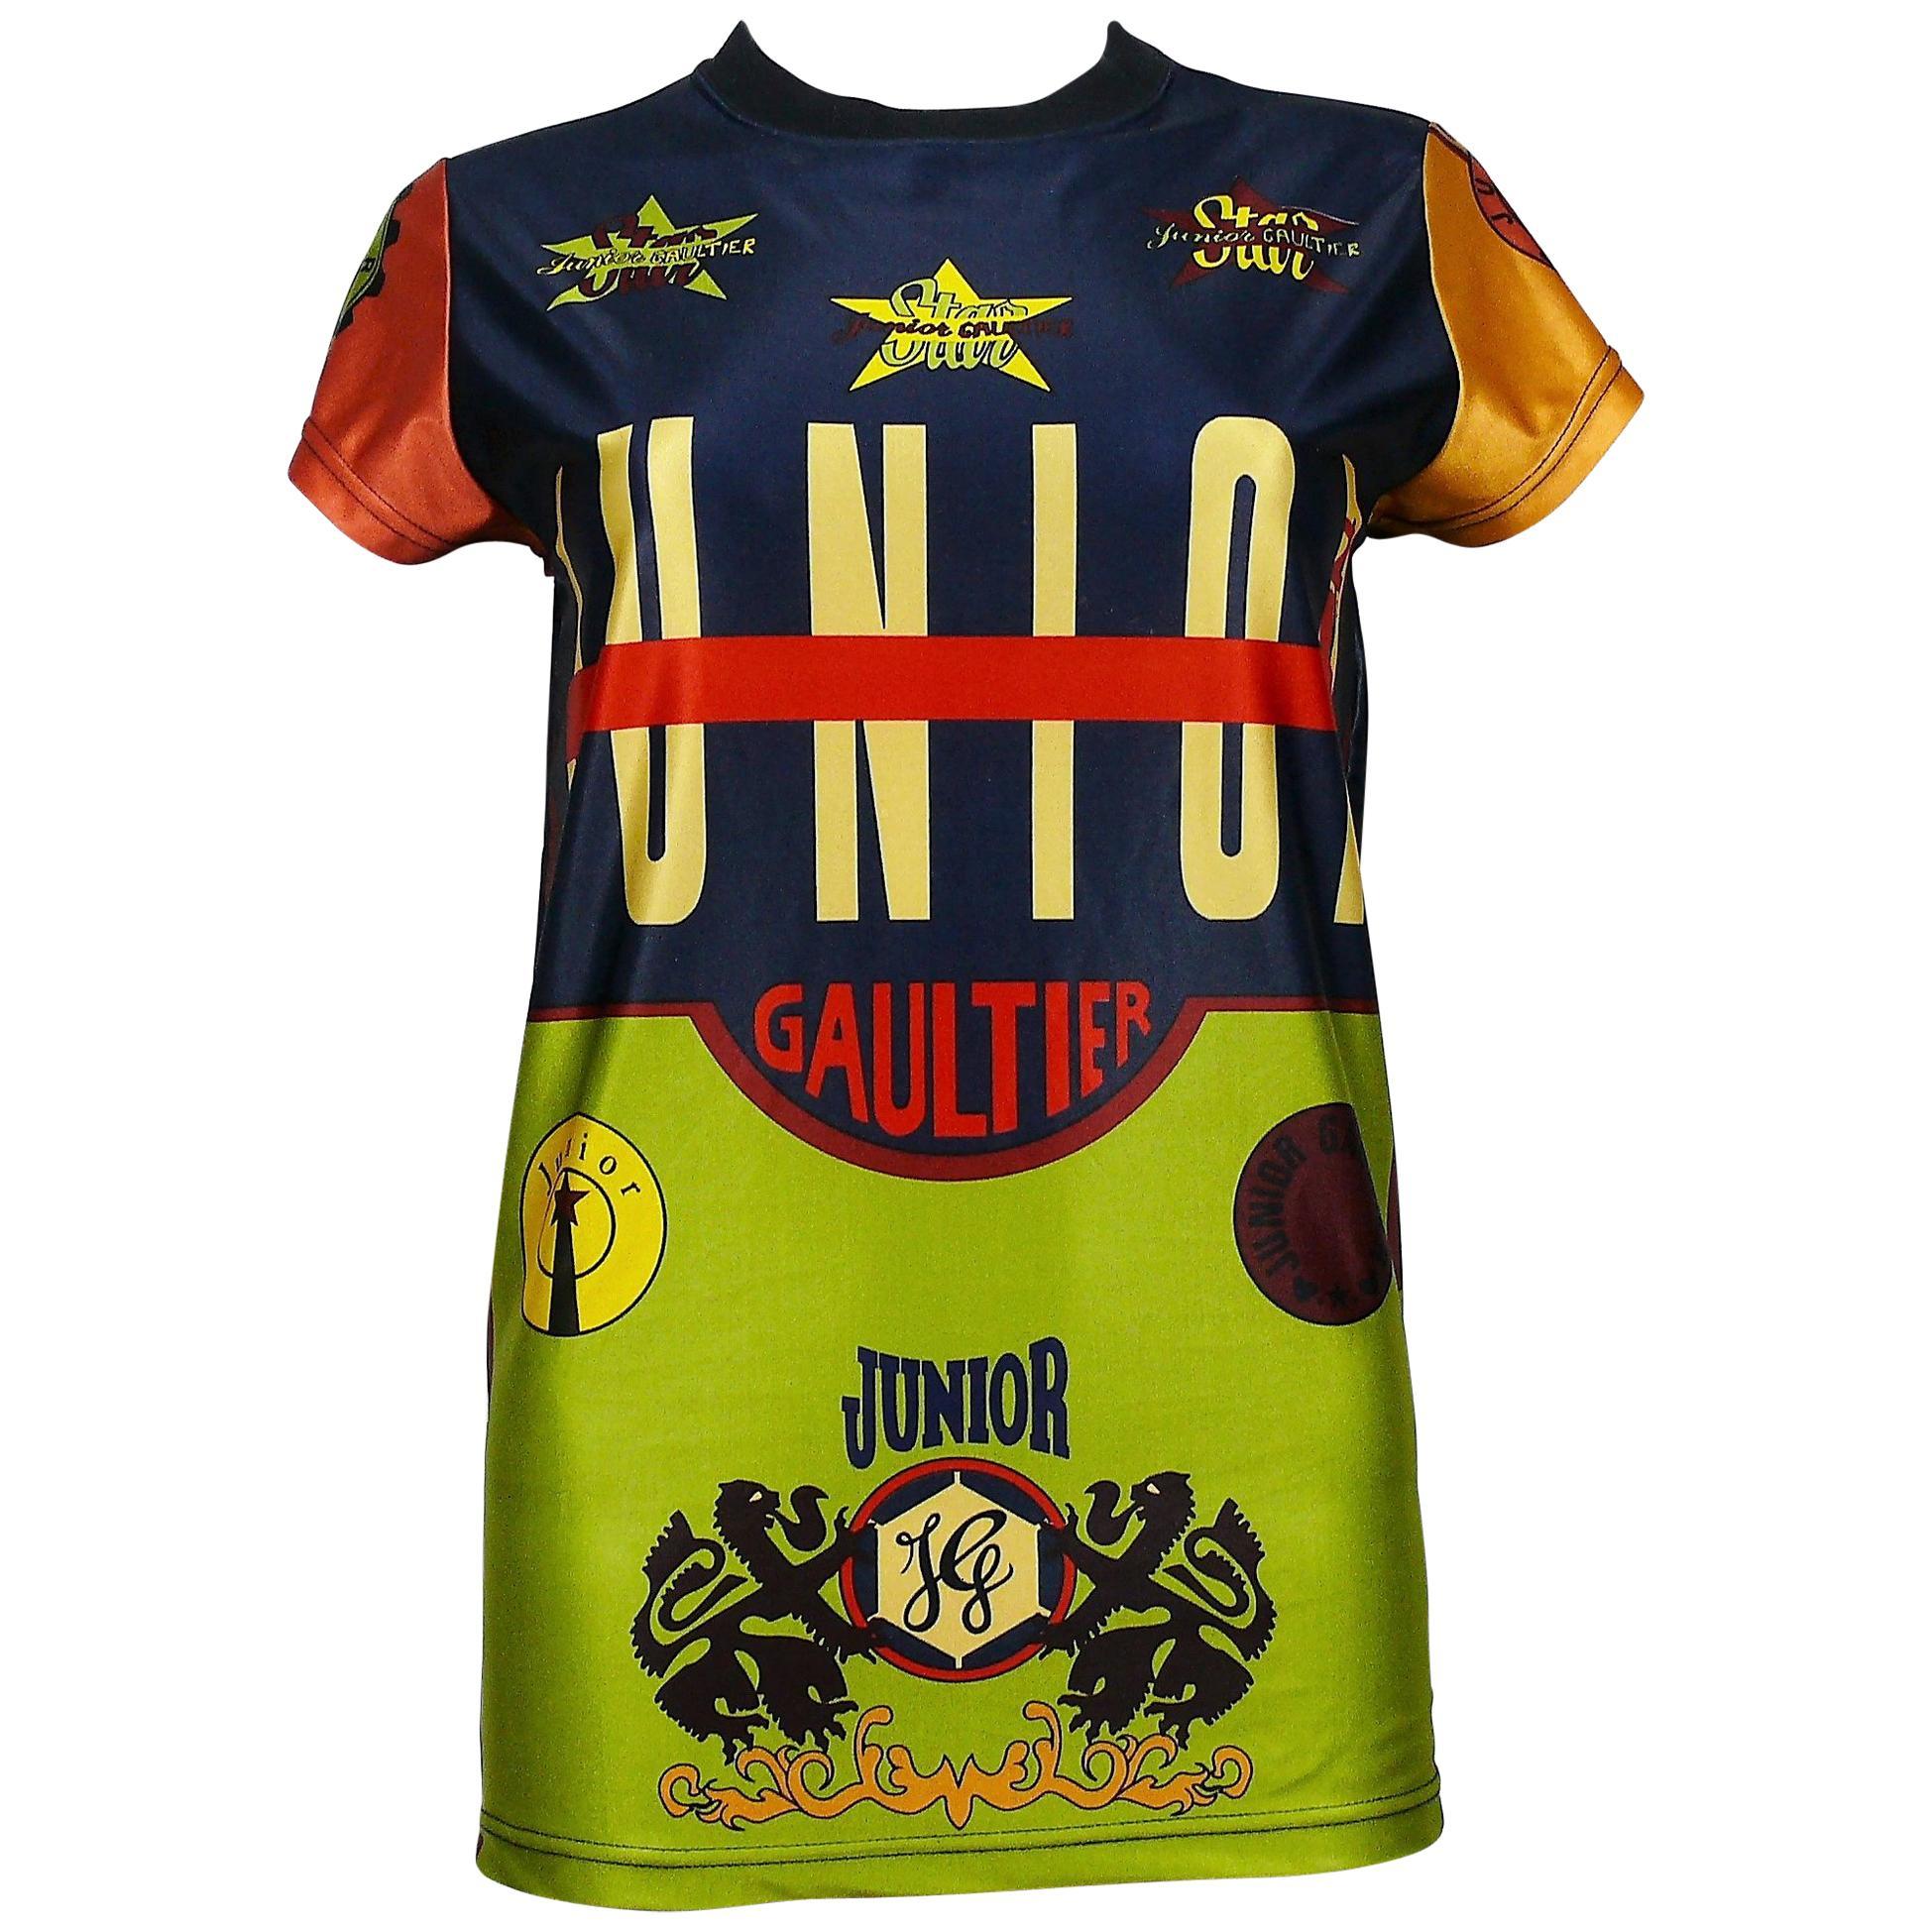 Jean Paul Gaultier Vintage Junior Iconic Color Block T-Shirt Size S